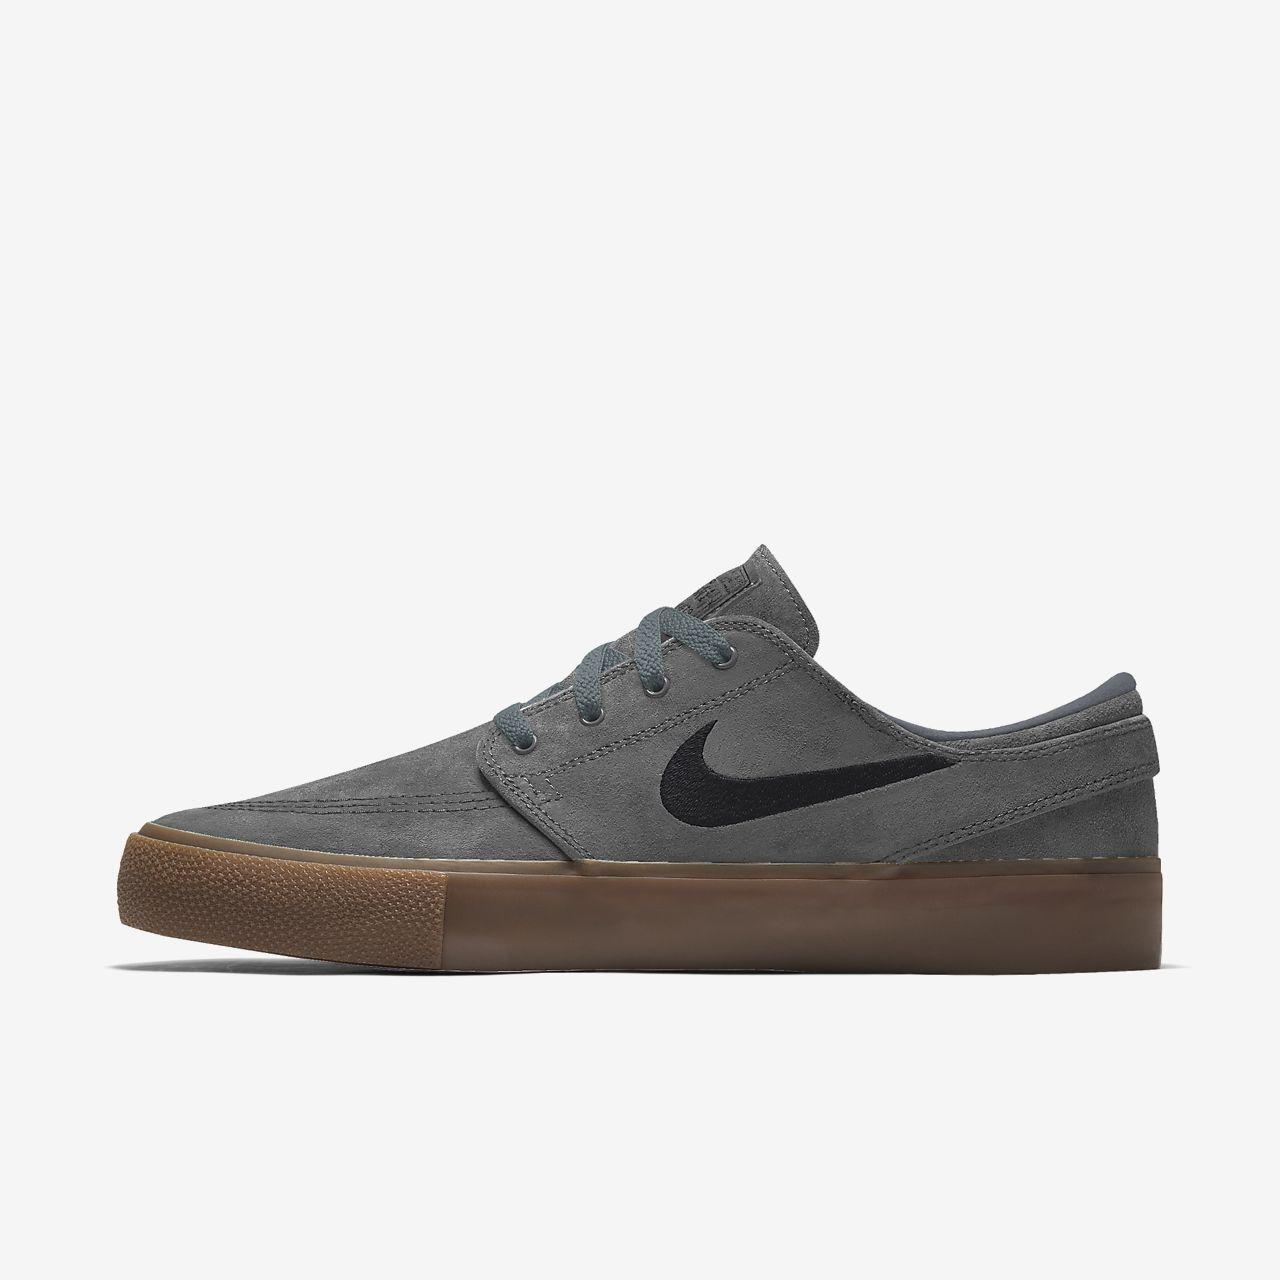 Specialdesignad skateboardsko Nike SB Zoom Stefan Janoski RM By You